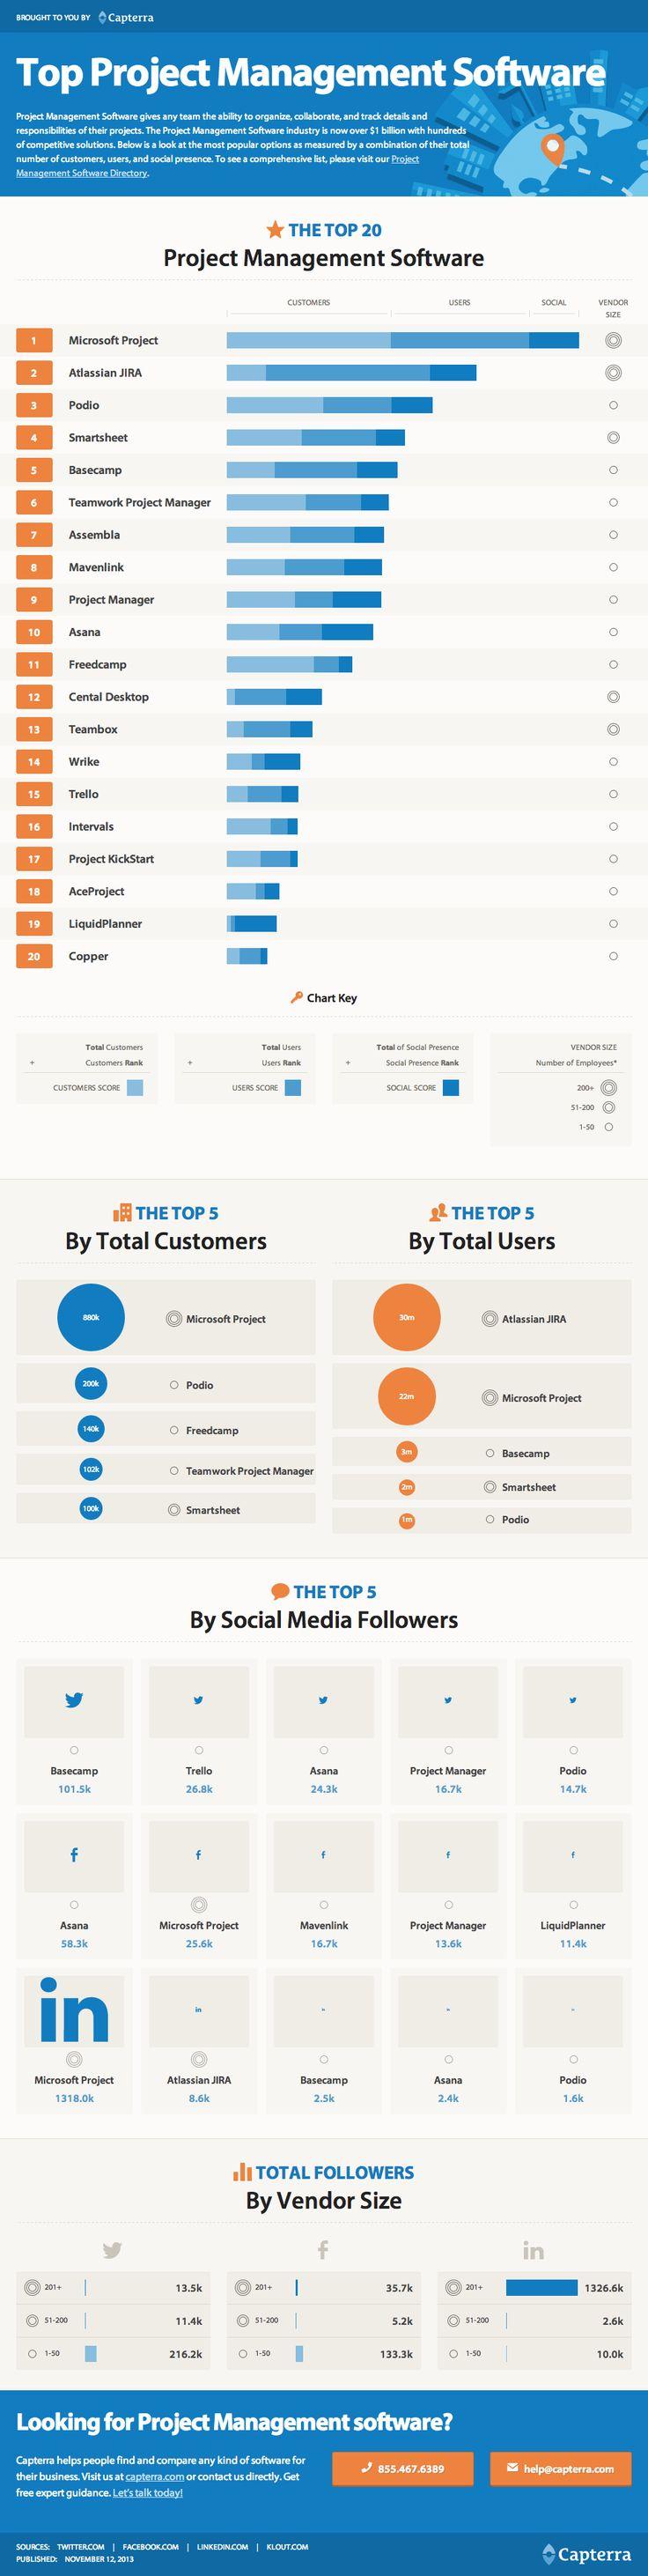 Top Project Management Software - @Smartsheet Ranks #4